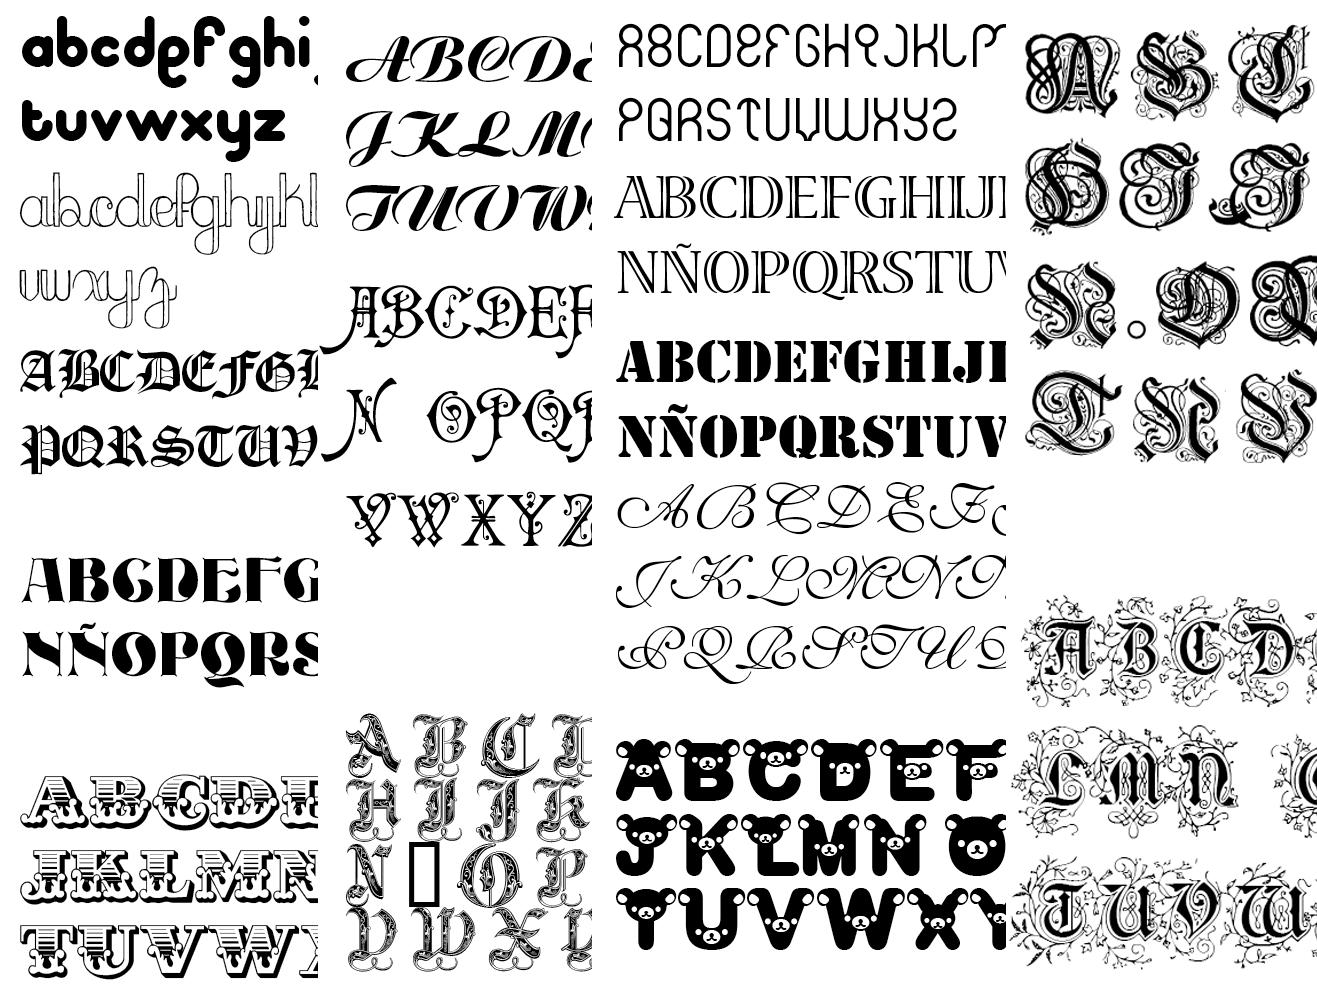 Hacer mi nombre con letras bonitas imagui frases pinterest letra bonita letras y bonito - Literas bonitas ...